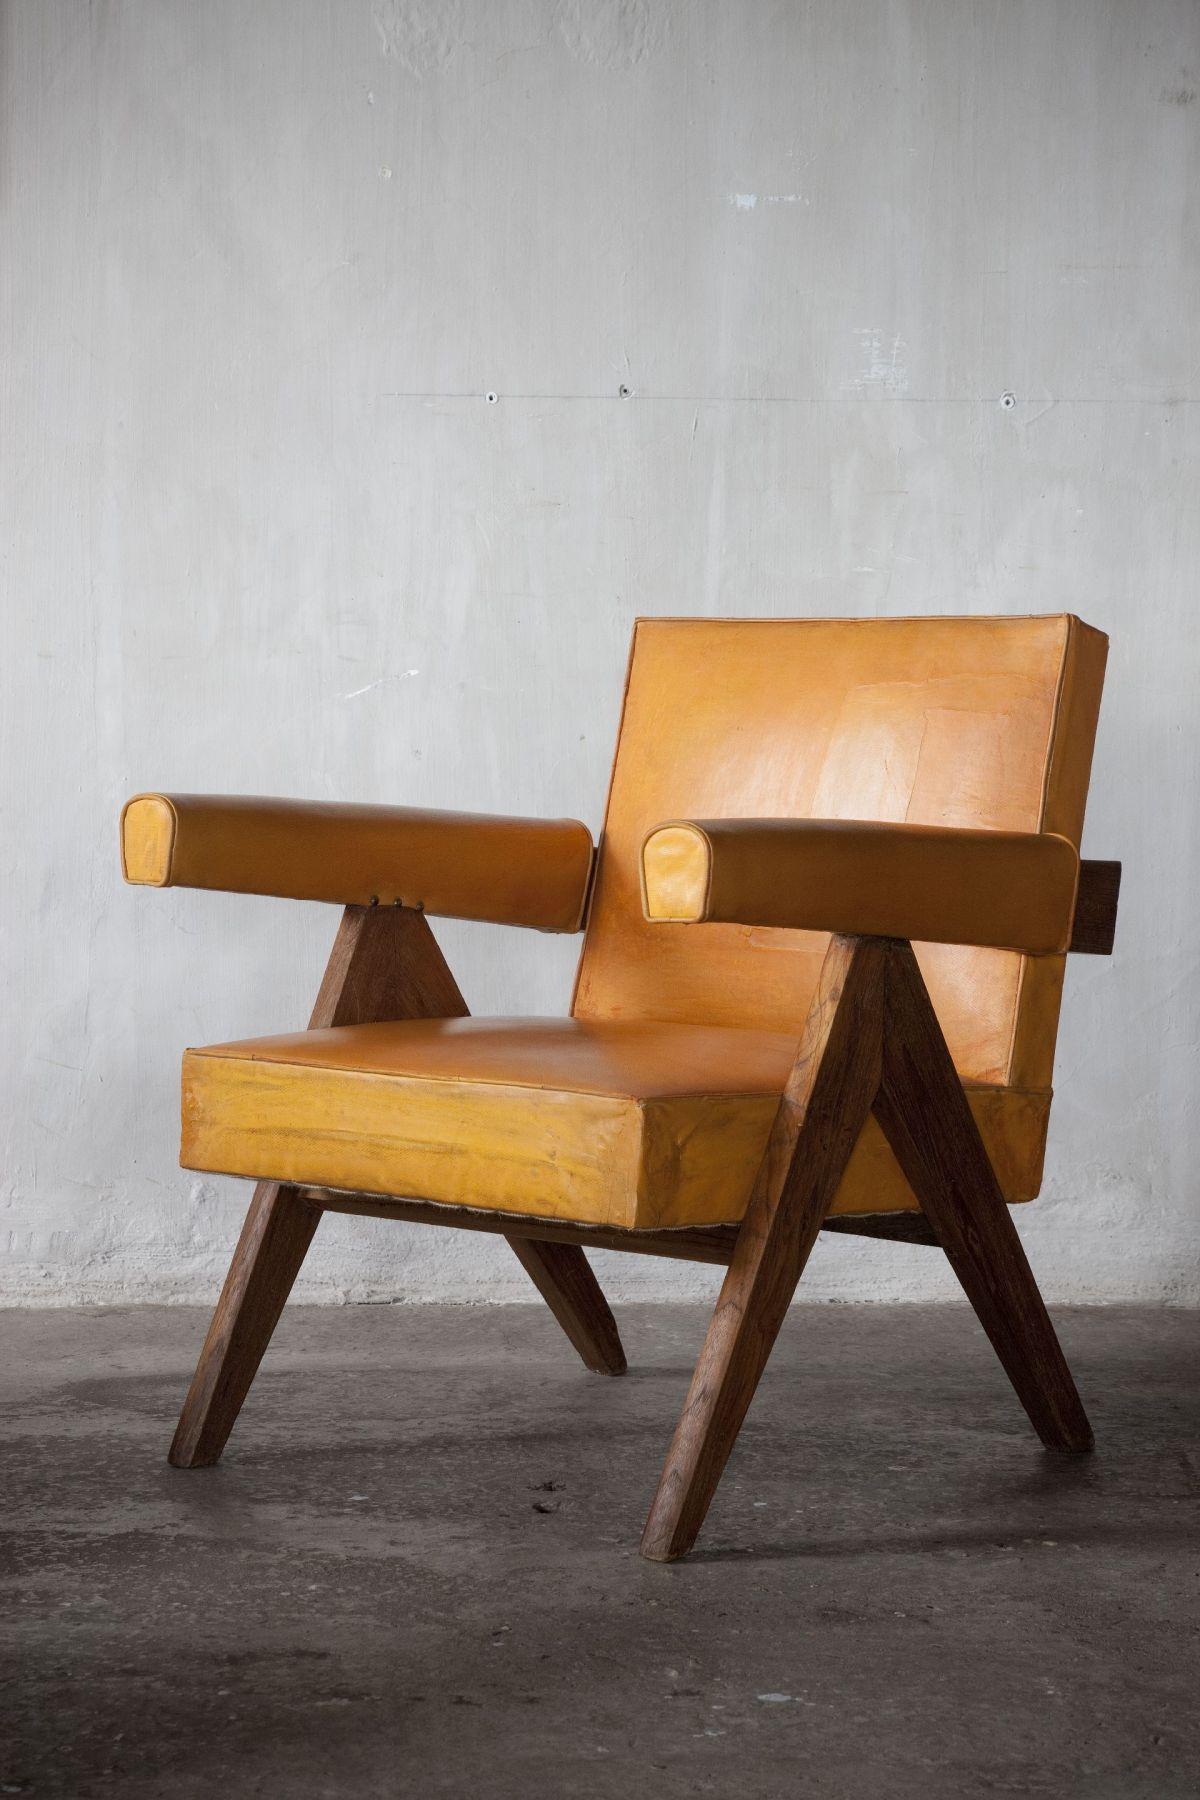 Pierre jeanneret fauteuil bas low armchair in teak